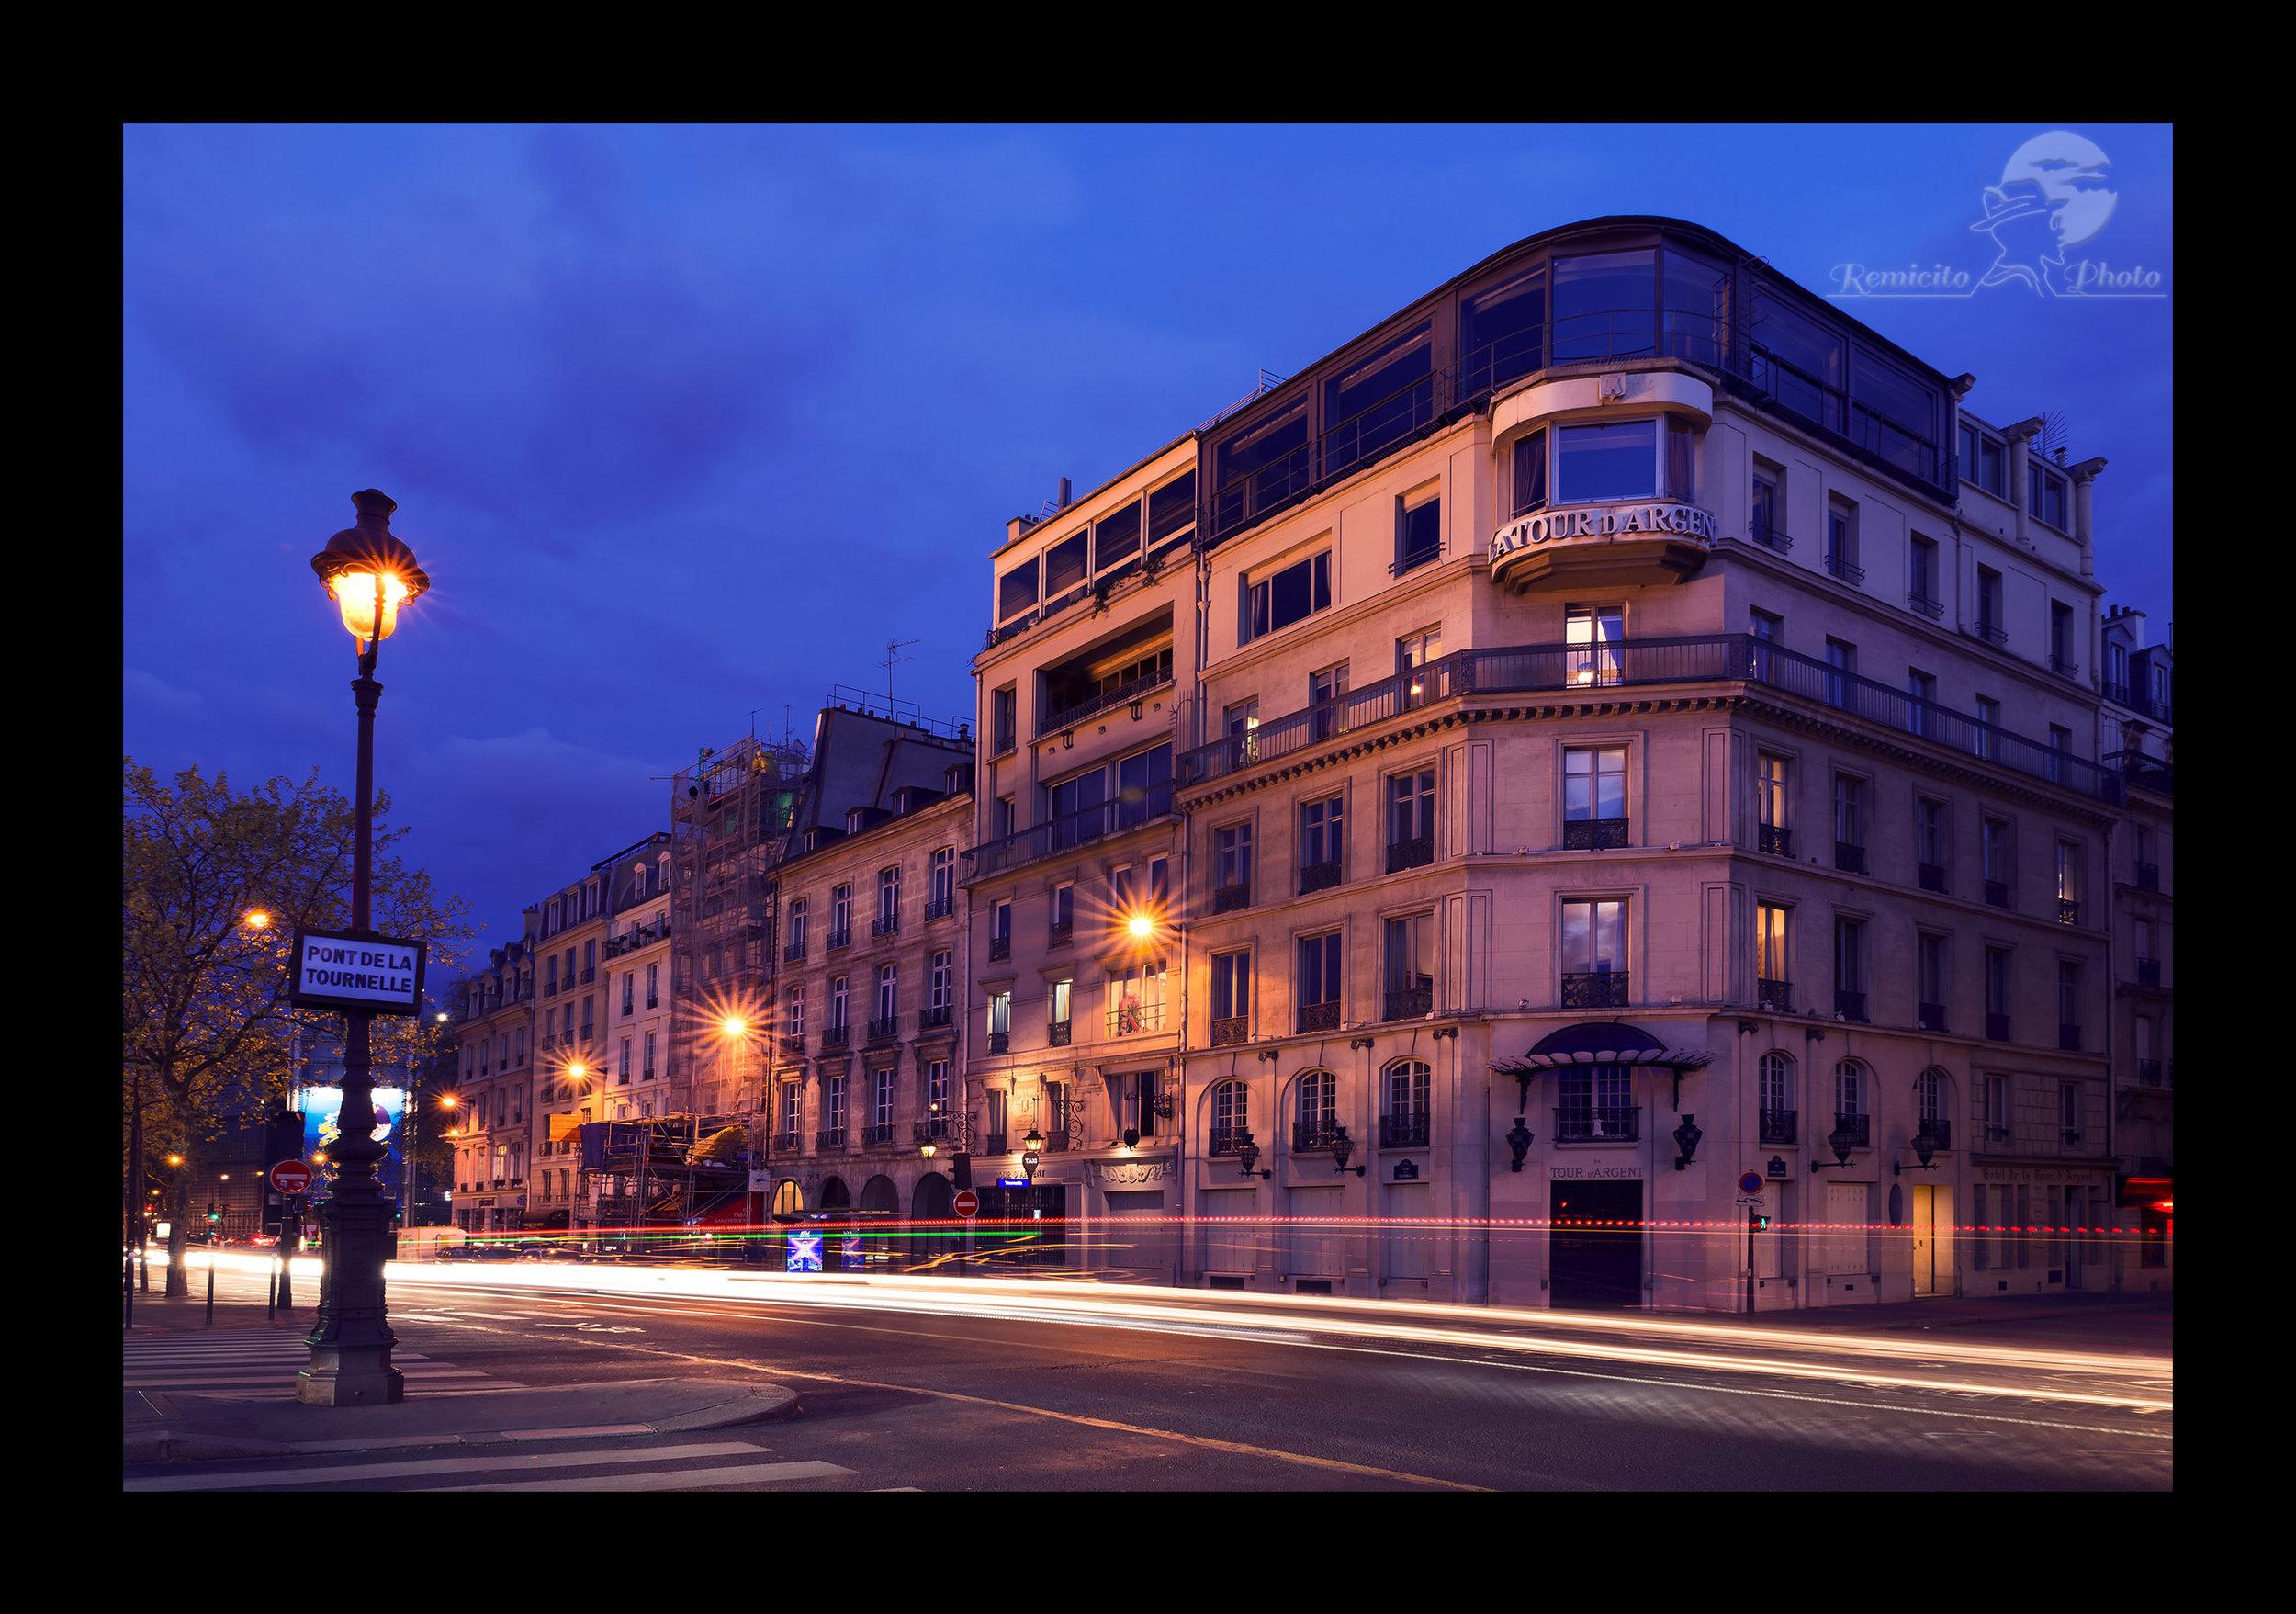 remicito photo, Paris je t'aime, Paris by night, photo Paris nuit, Paris la nuit, Paris de nuit, Idée cadeau, idée cadeau photo, cadeau photo homme, cadeau photo femme, night photography, photo de nuit France, acheter belle photo, belle photo déco, idée cadeau déco